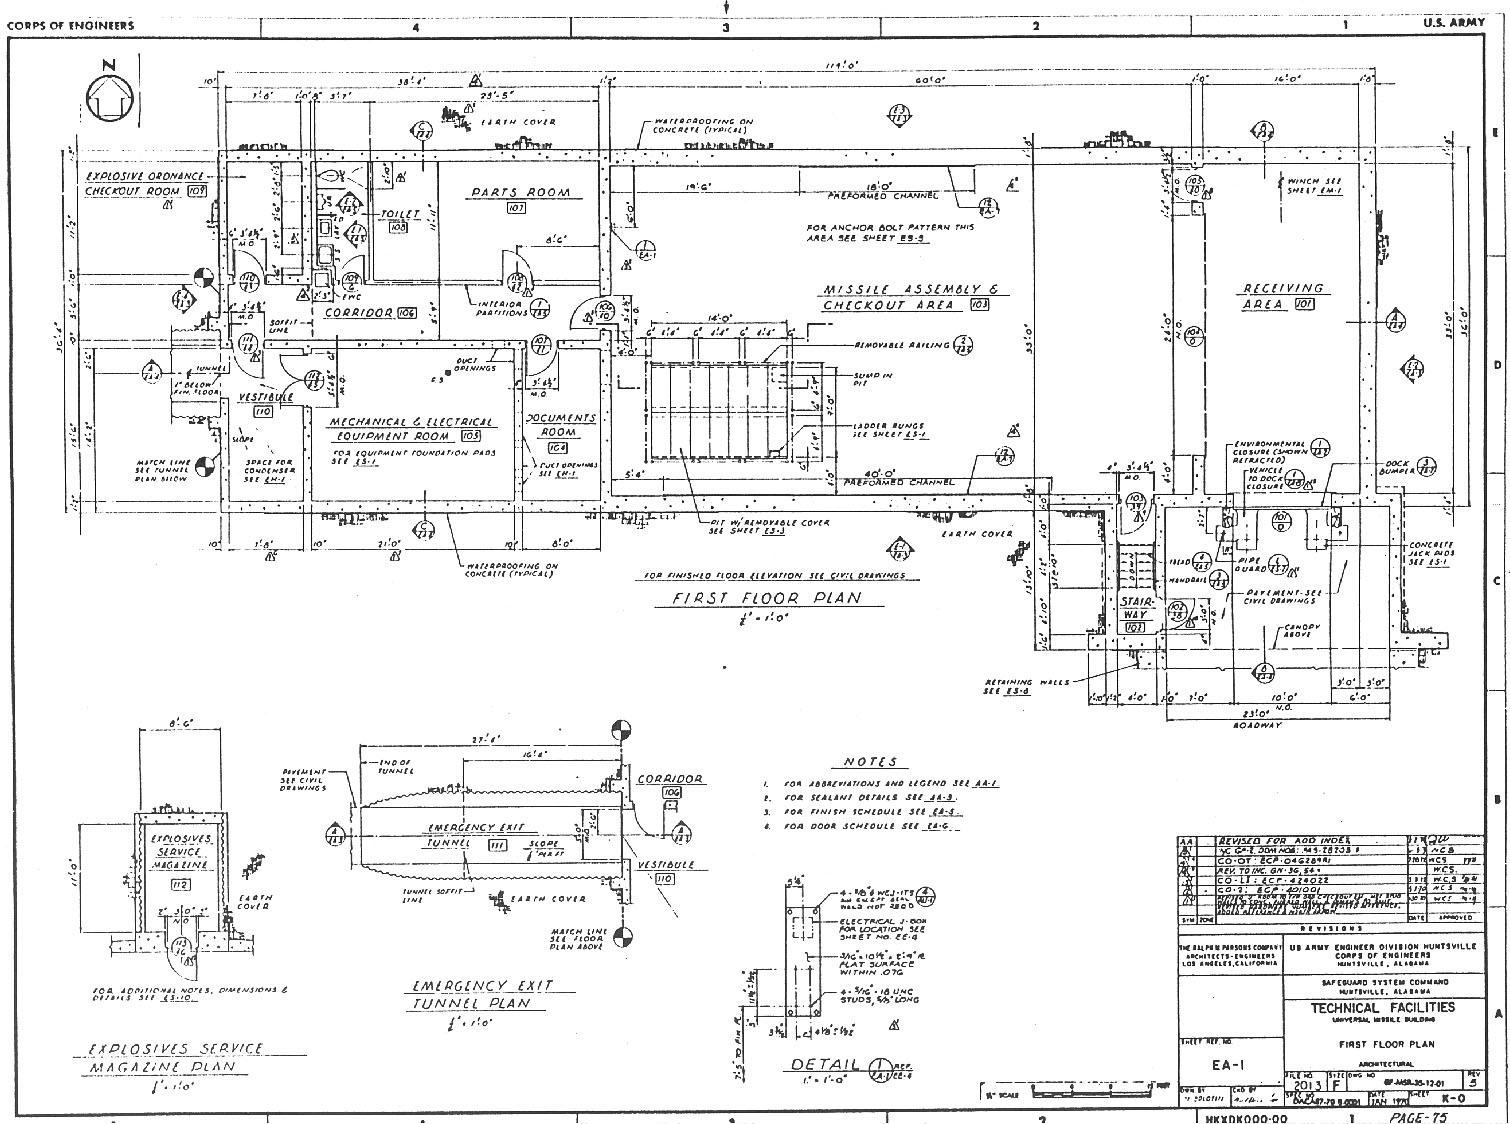 Electrical Engineering Plan Uaeu